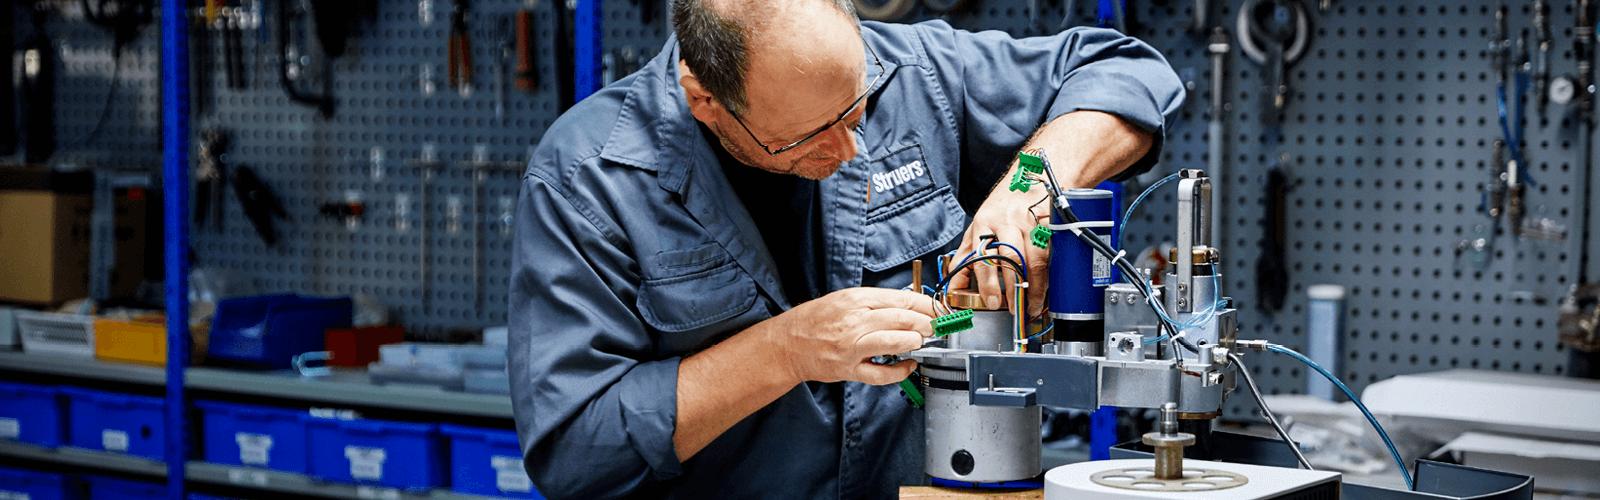 Service de réparation en atelier Struers